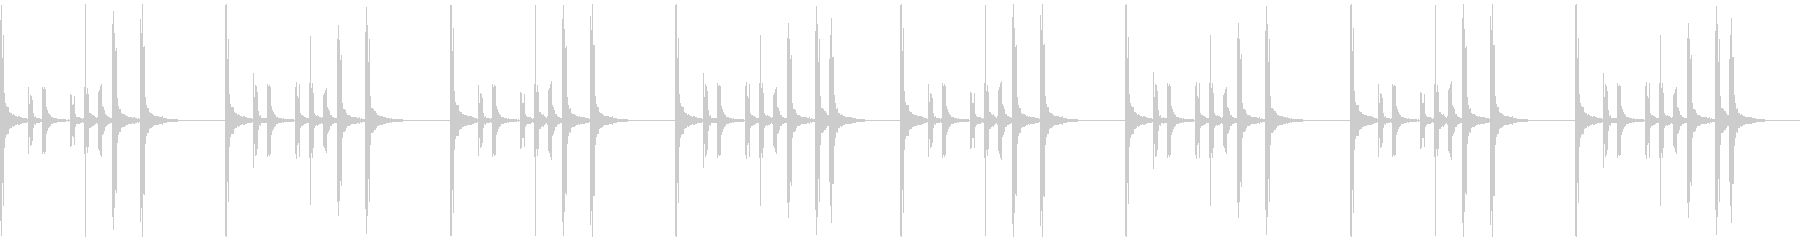 軽快なクラップ/手拍子ジングル・ループ可の未再生の波形